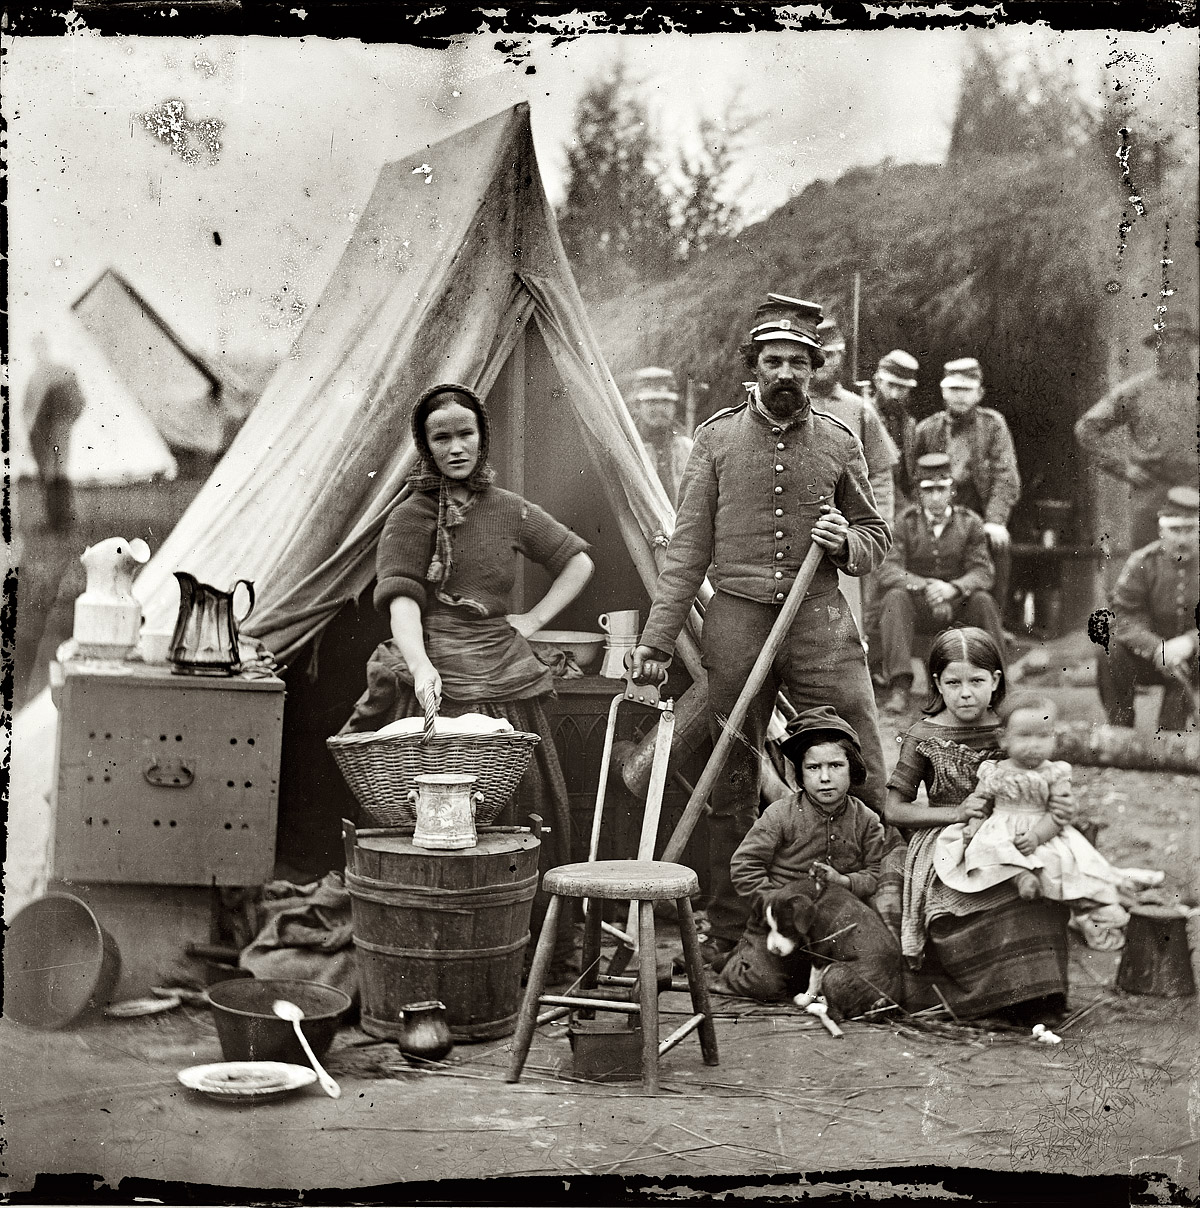 Guerre De Sécession Photos campement pendant la guerre de sécession en 1861